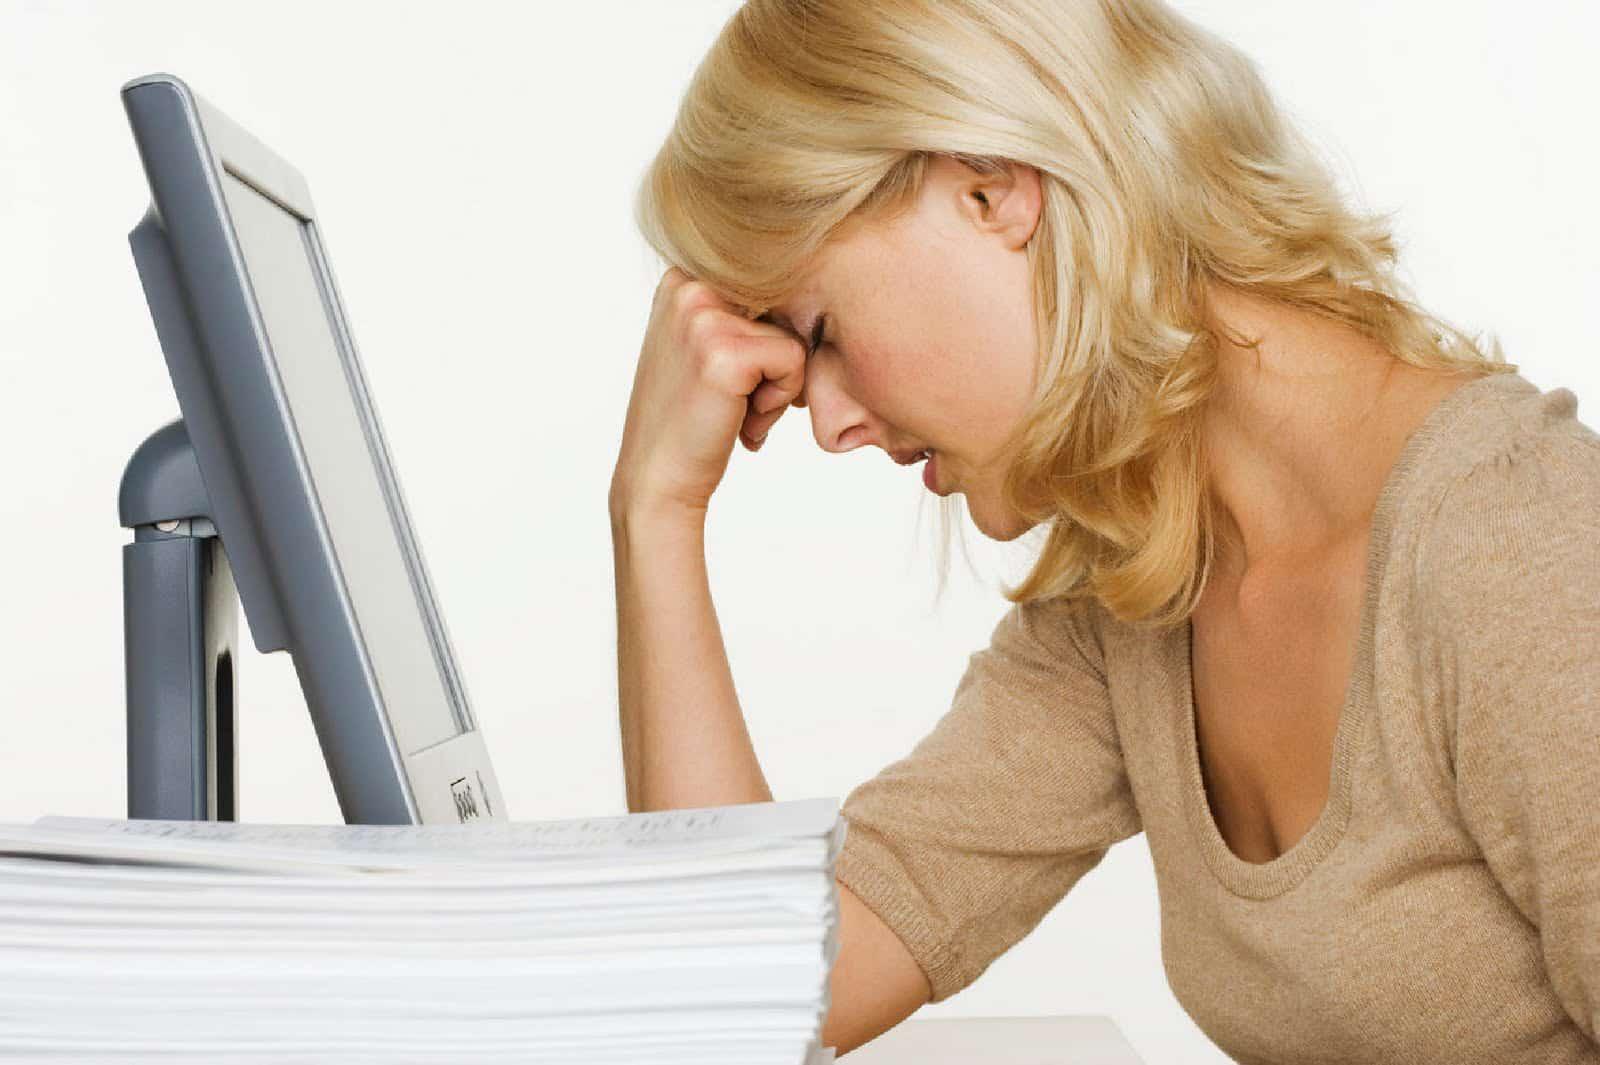 седые волосы появляются из-за стресса